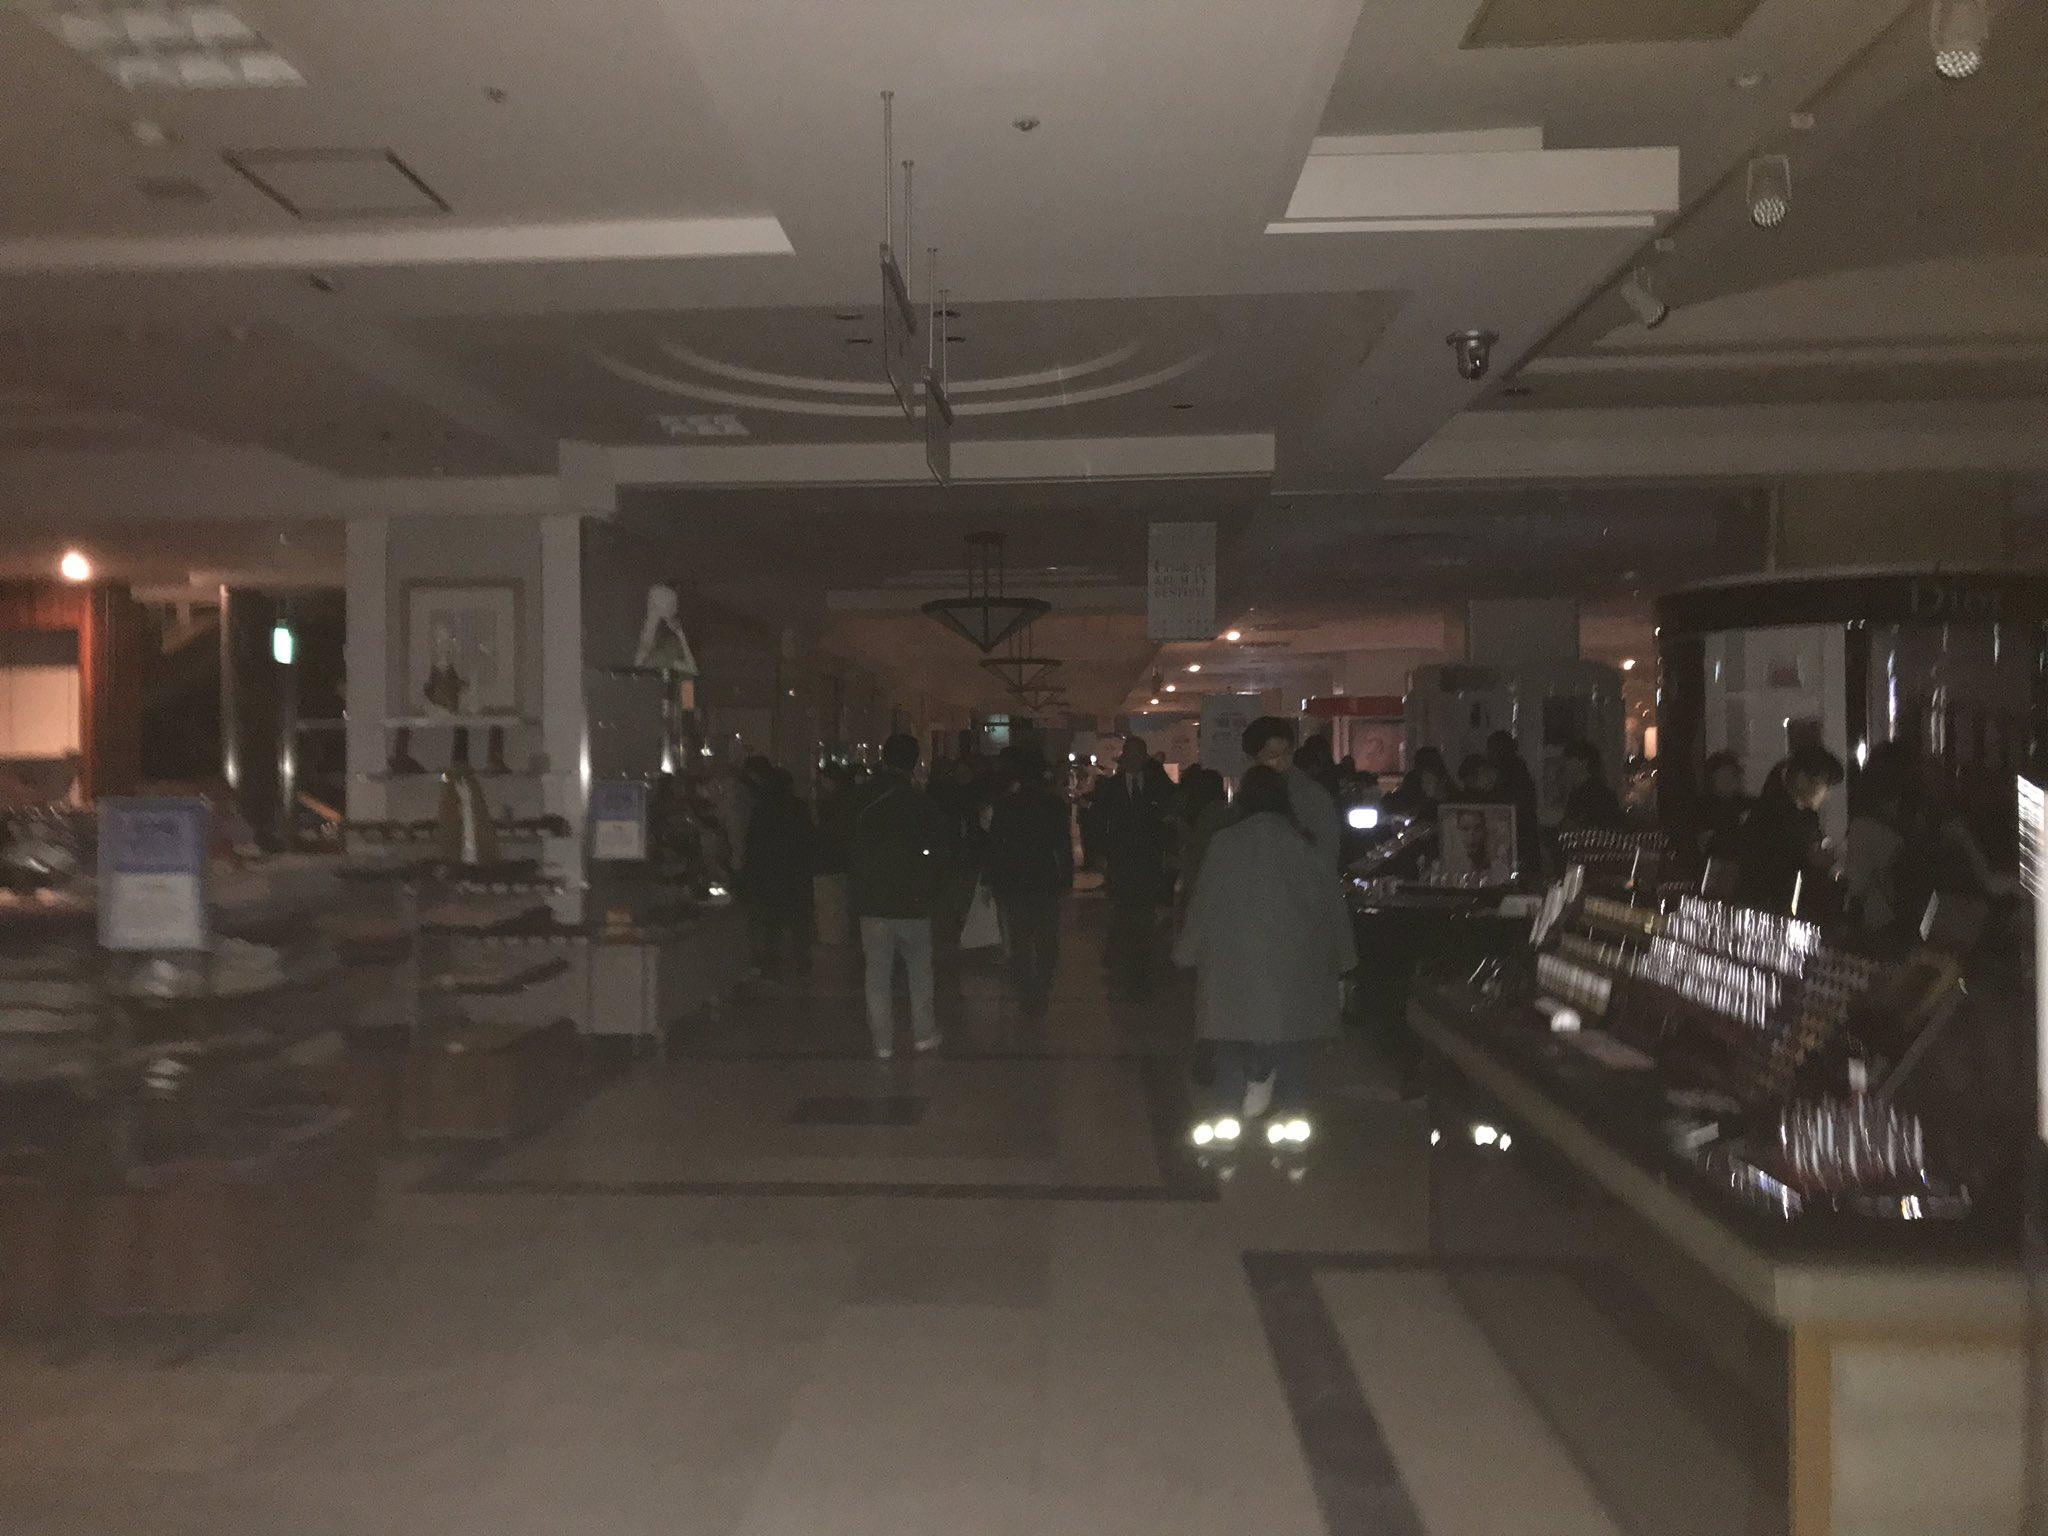 画像,千葉そごうが停電で面白いことになってるwwww https://t.co/e2QzCKBHgu。